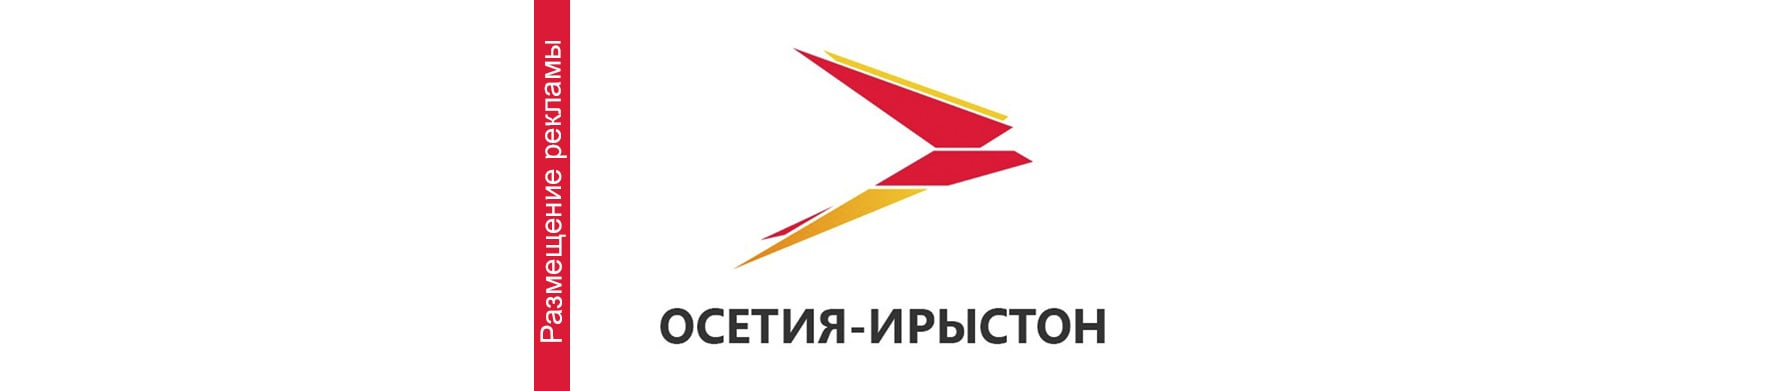 Реклама на телевидении в РСО-Алания осетия-ирыстон